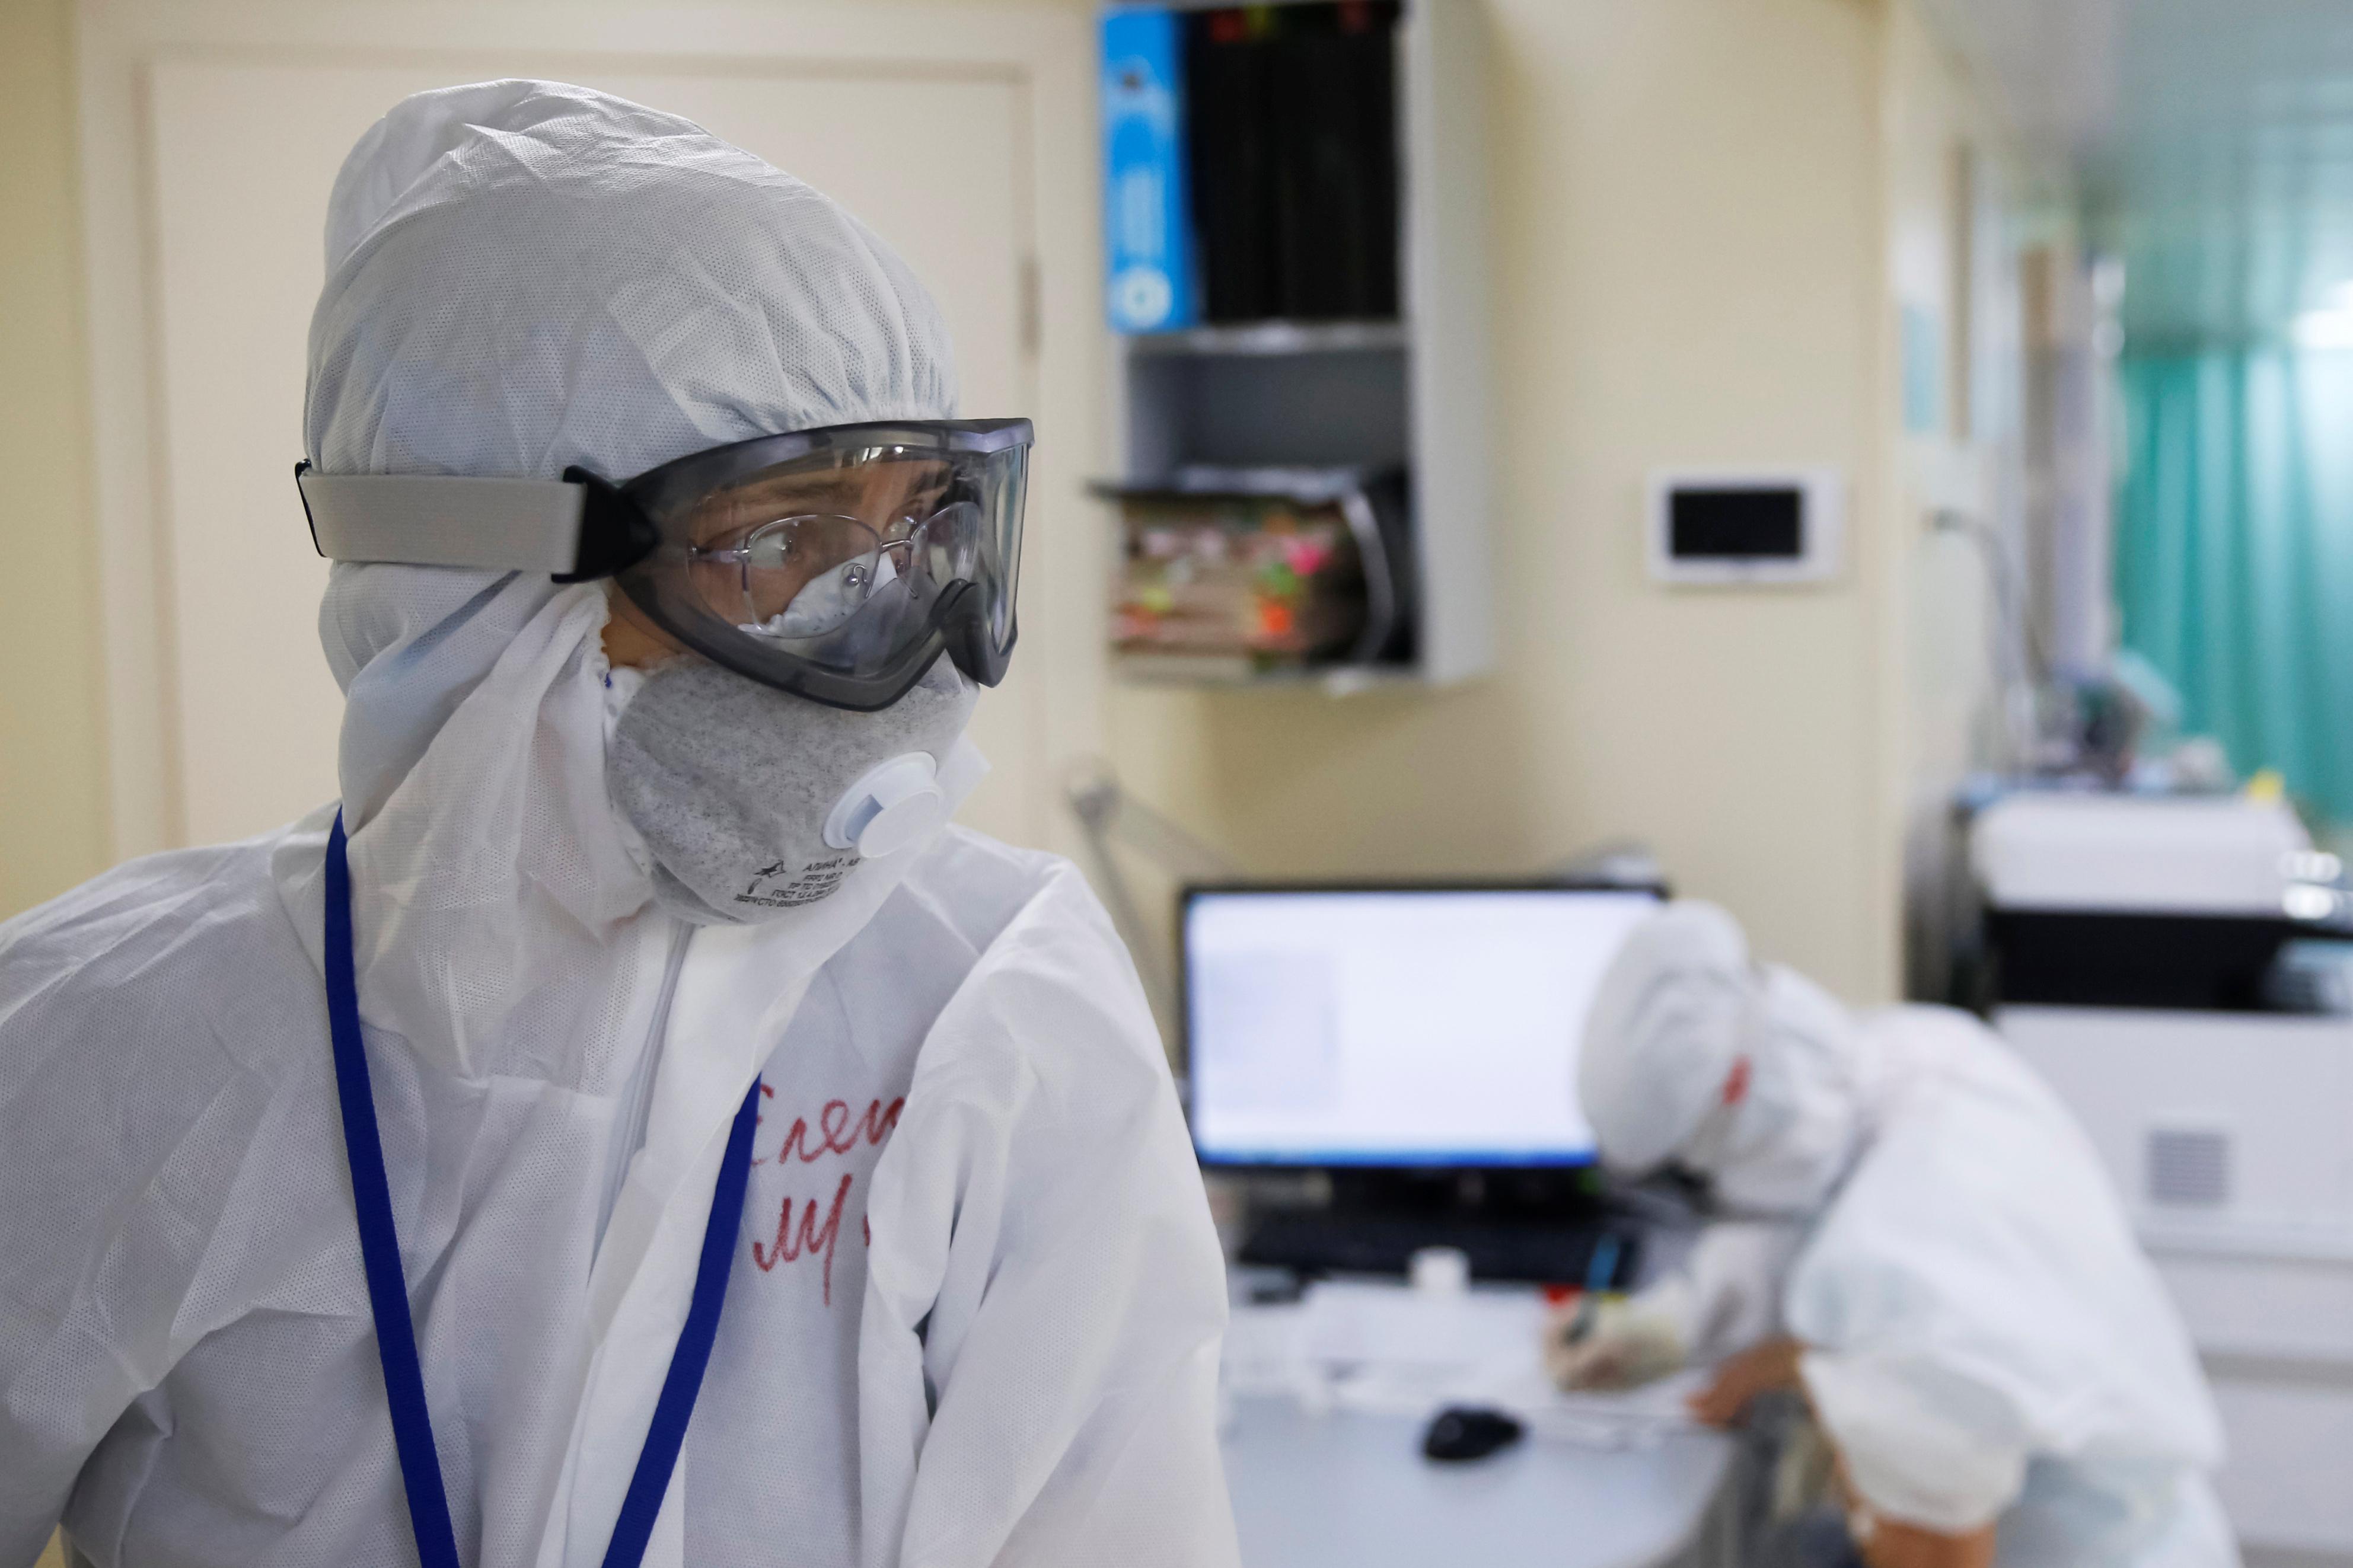 В Екатеринбурге проверят массовое бегство врачей из больницы